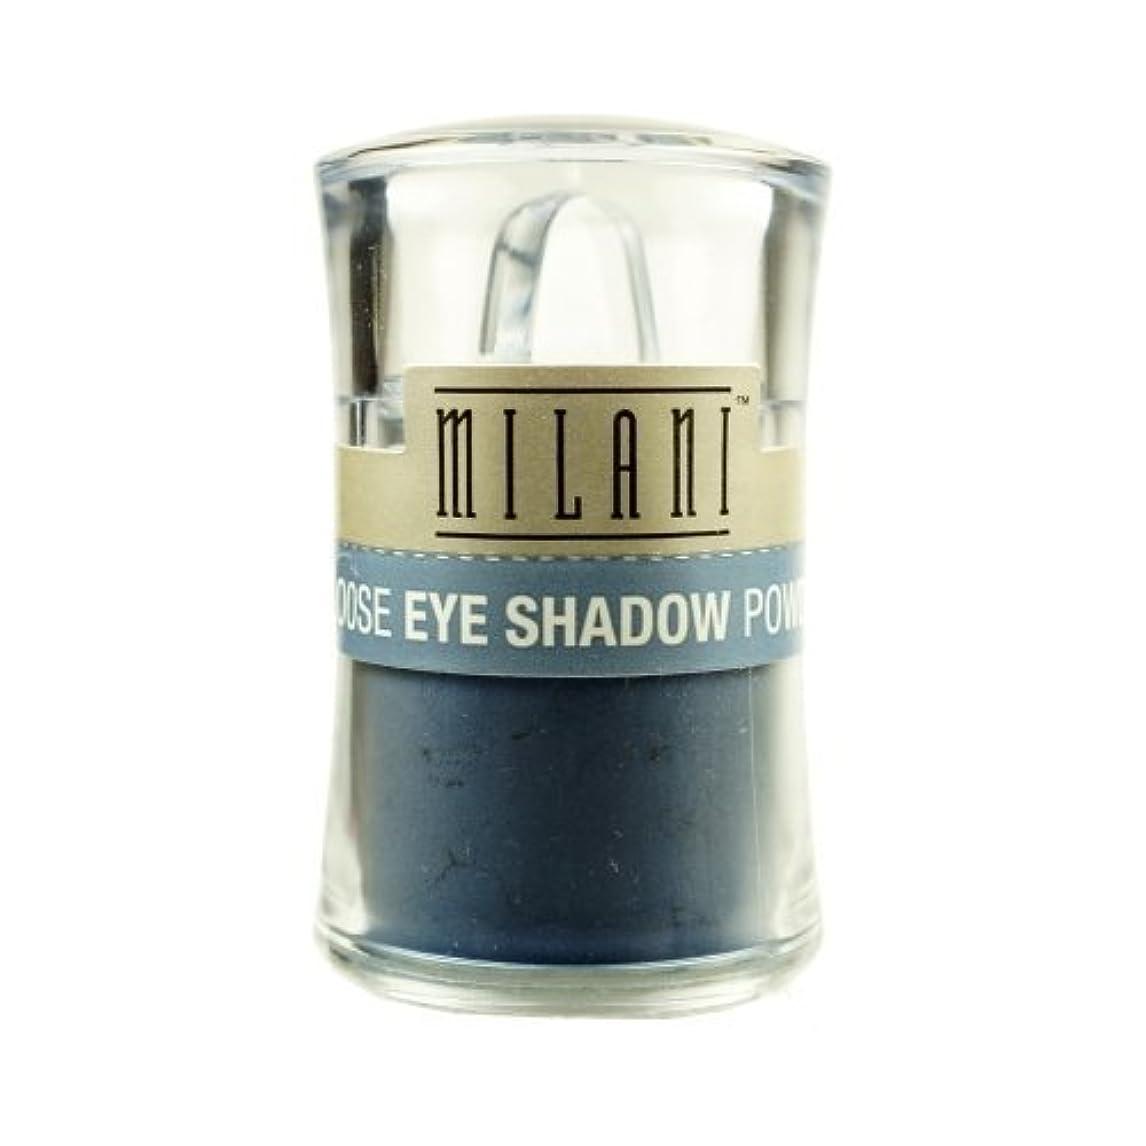 州チャールズキージングその後(3 Pack) MILANI Loose Eye Shadow Powder - Misty Blue (並行輸入品)